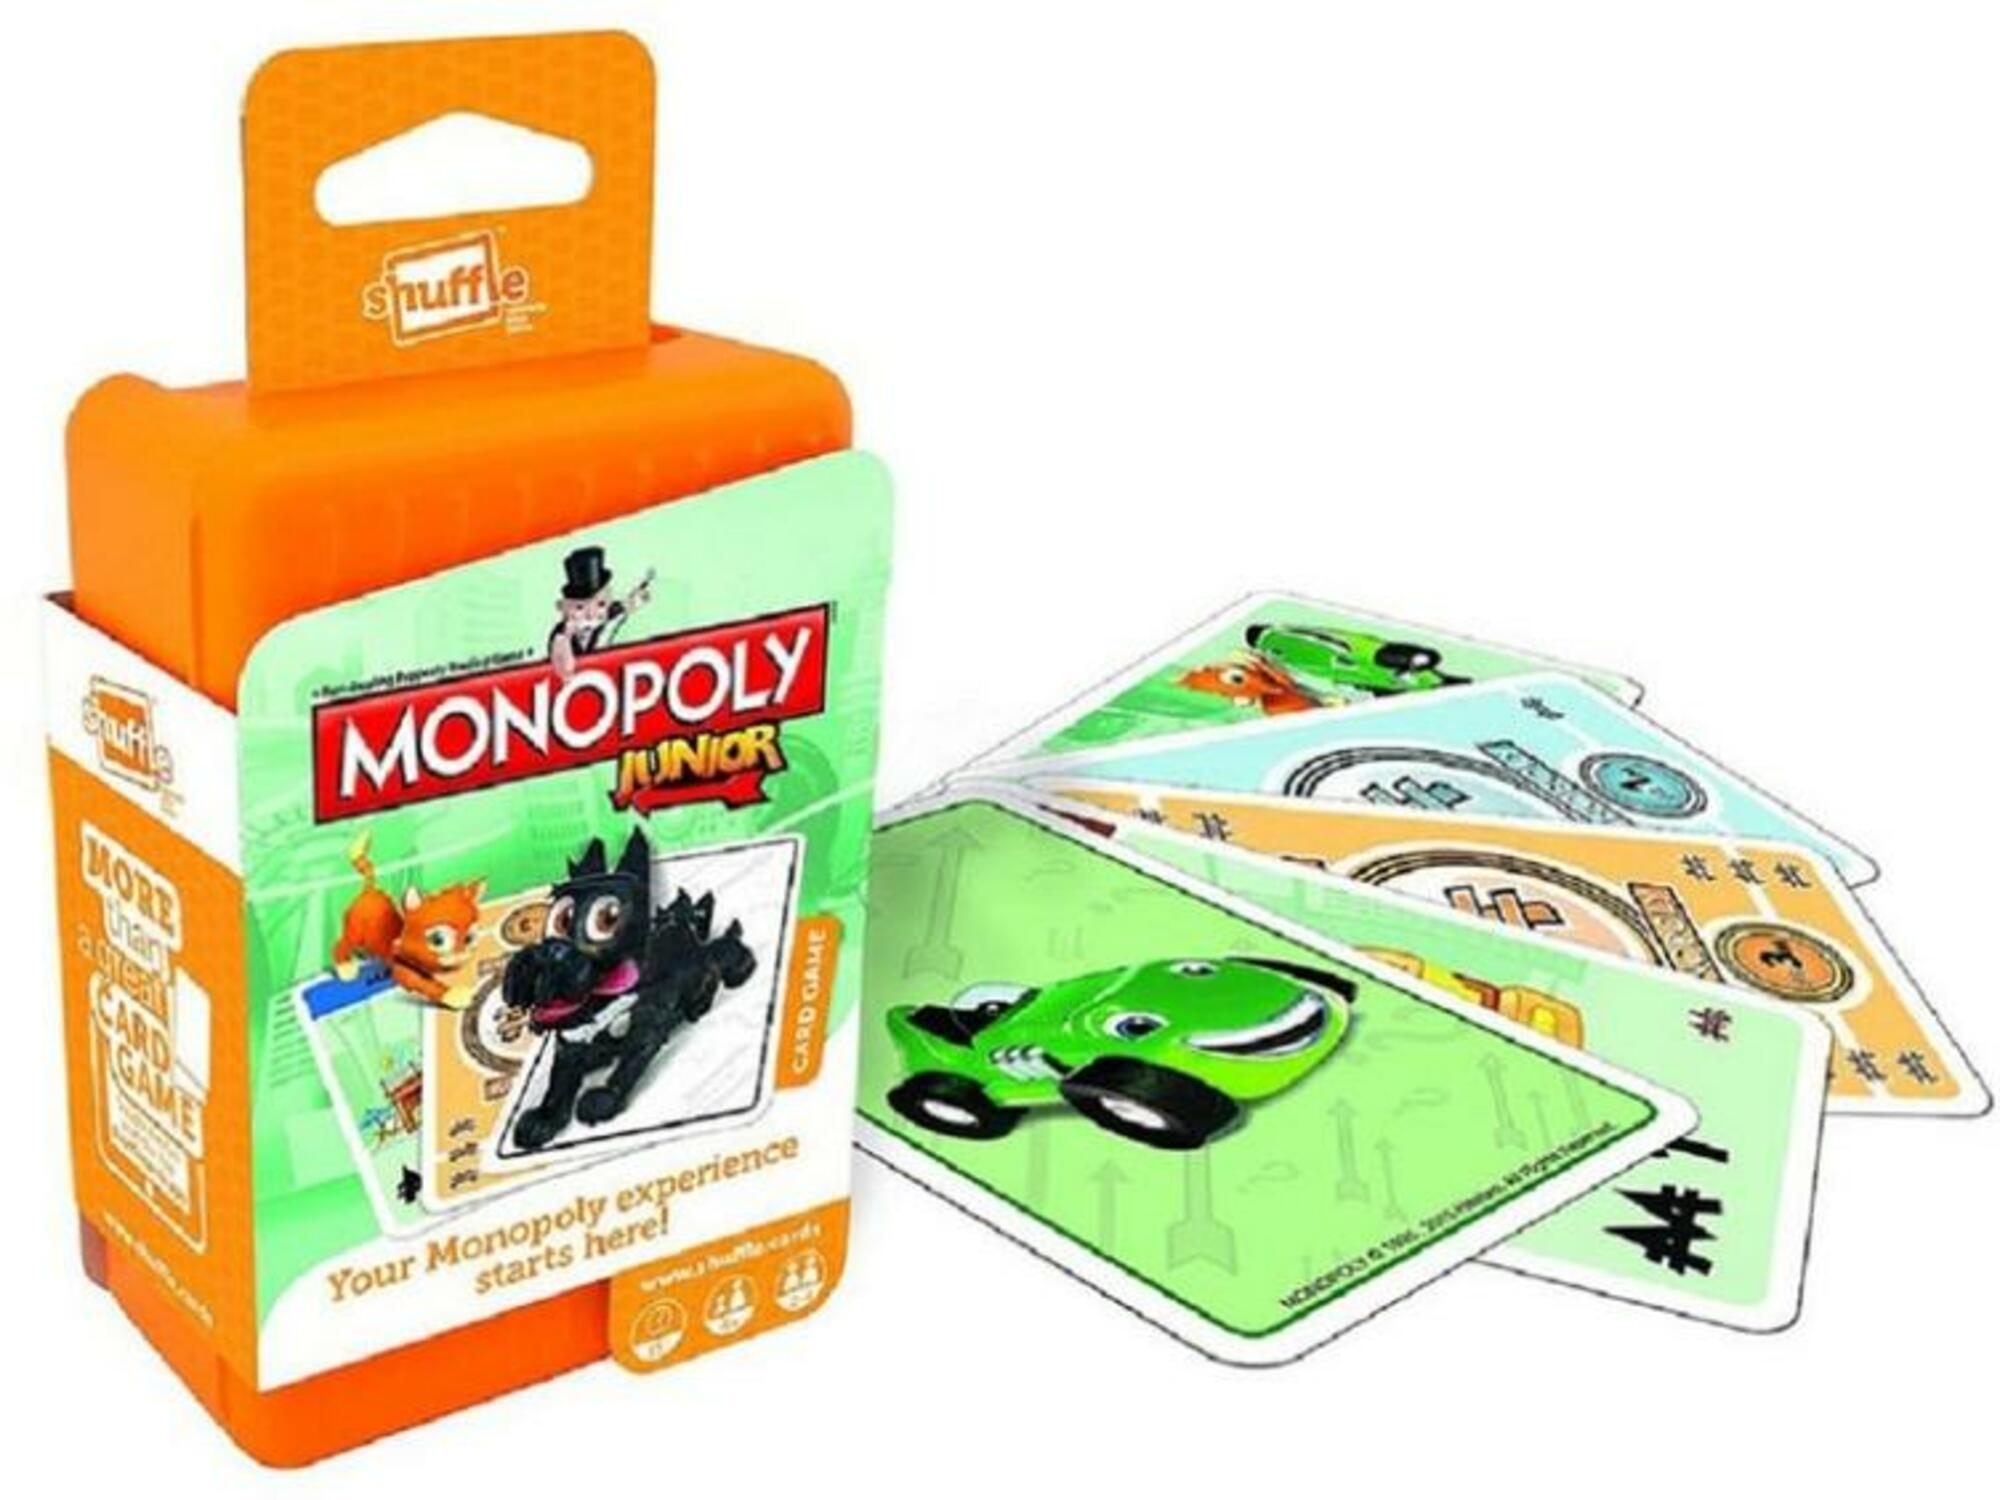 CARTAMUNDI potovalni monopoly (karte) Junior 5411068027994